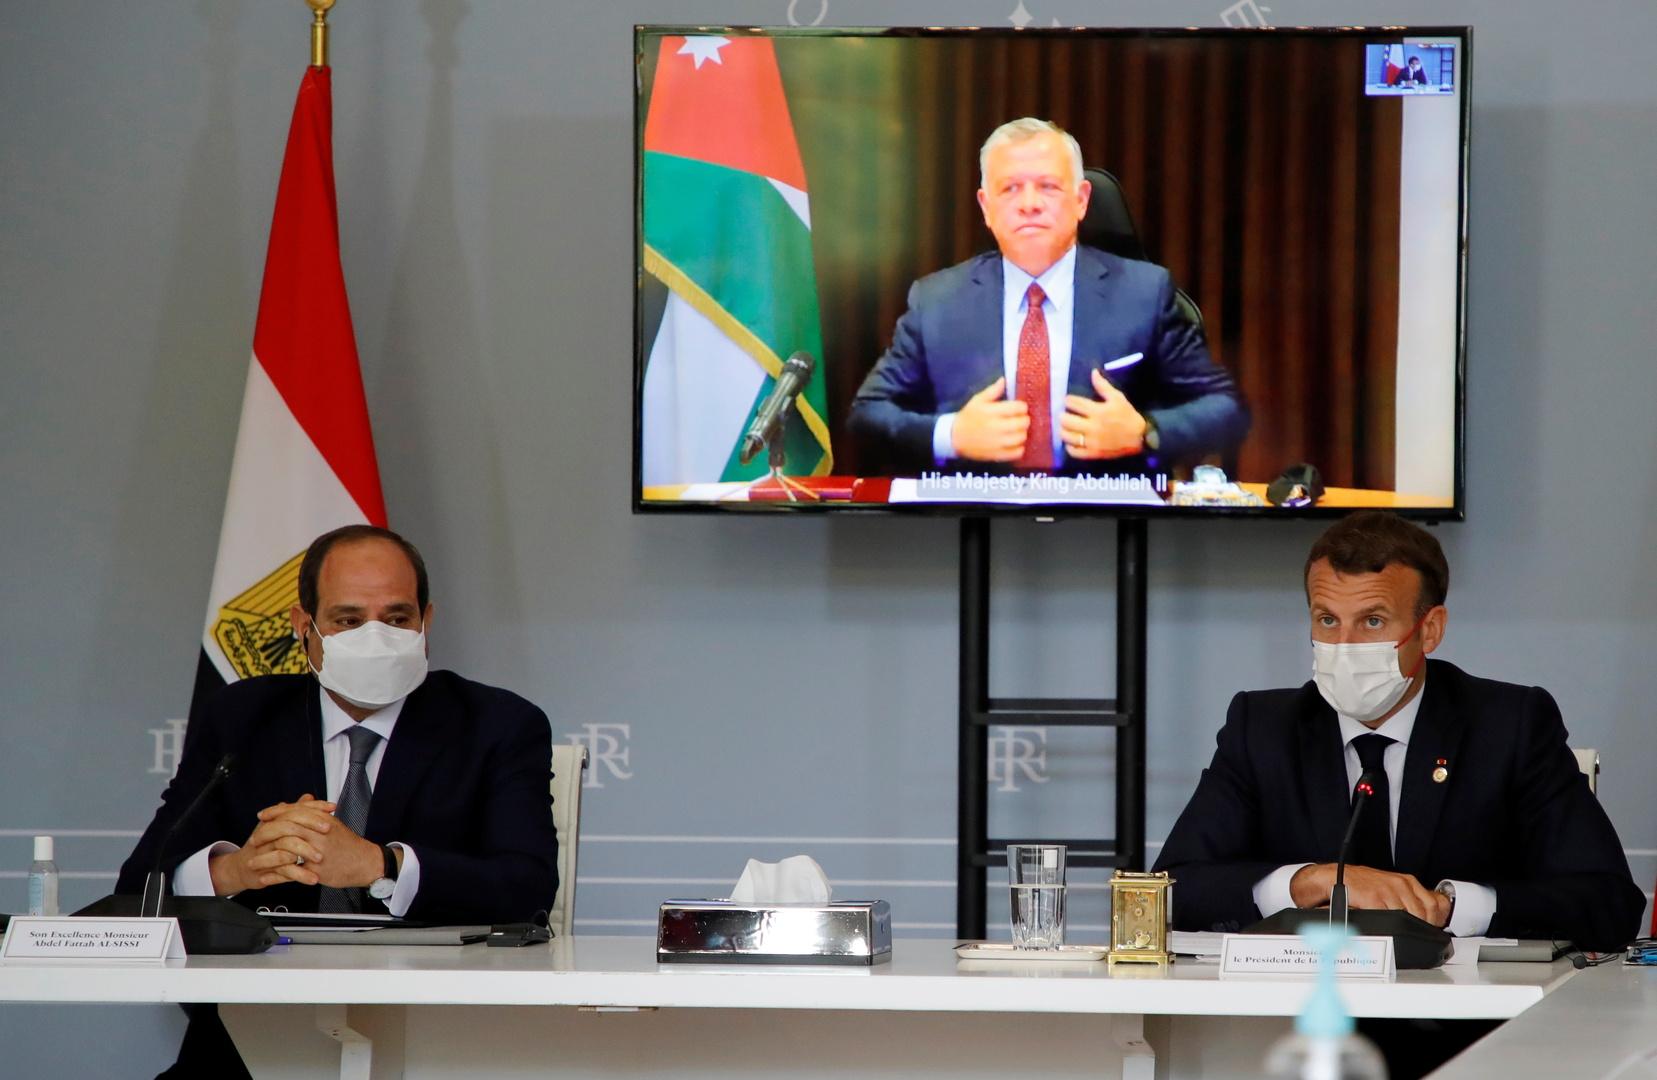 العاهل الأردني يجري محادثات مع رئيسي مصر وفرنسا ويؤكد ضرورة